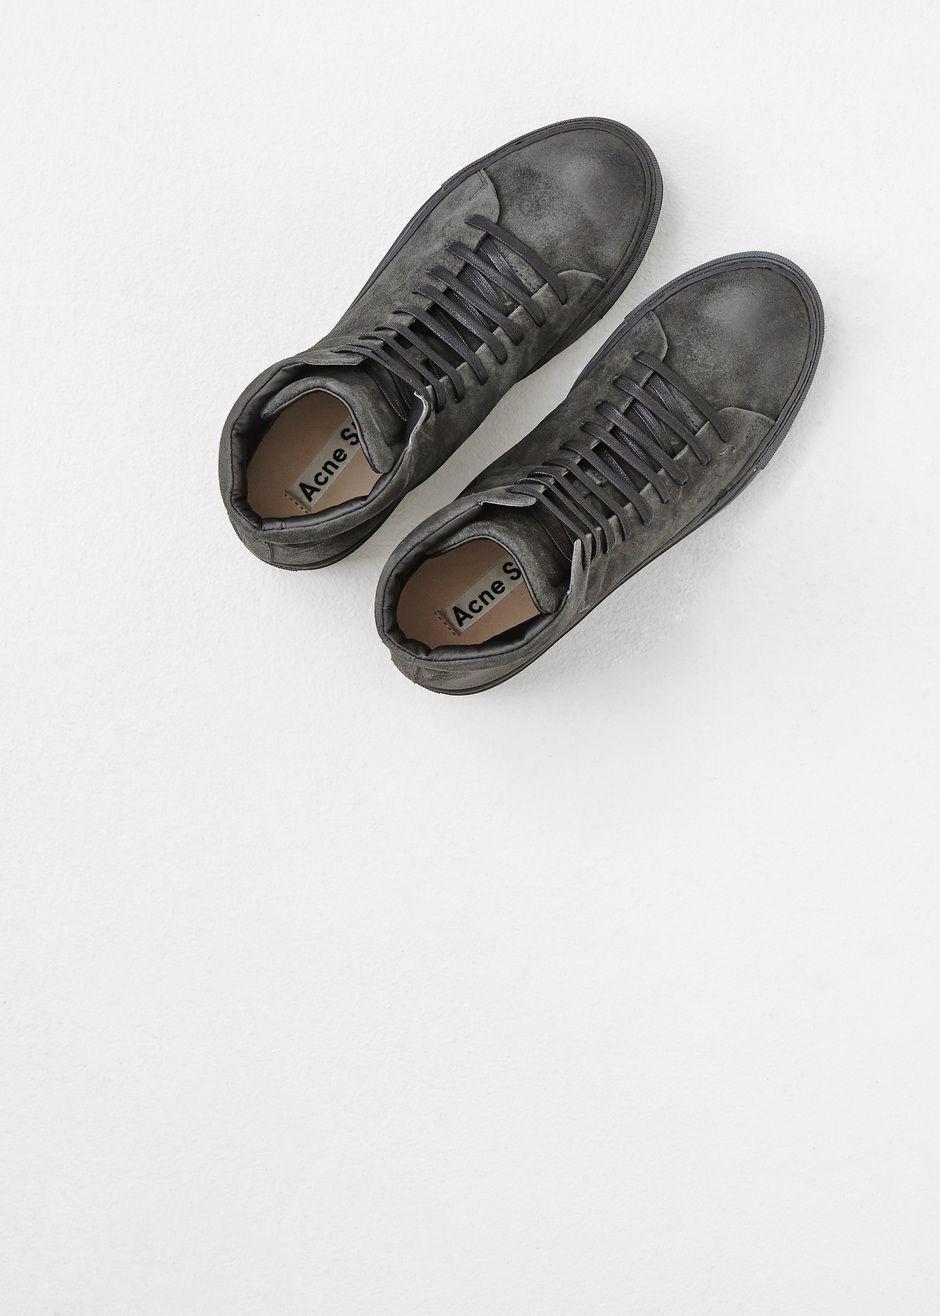 Totokaelo MAN - Acne Studios Dark Grey Adrian Hi Suede Sneaker